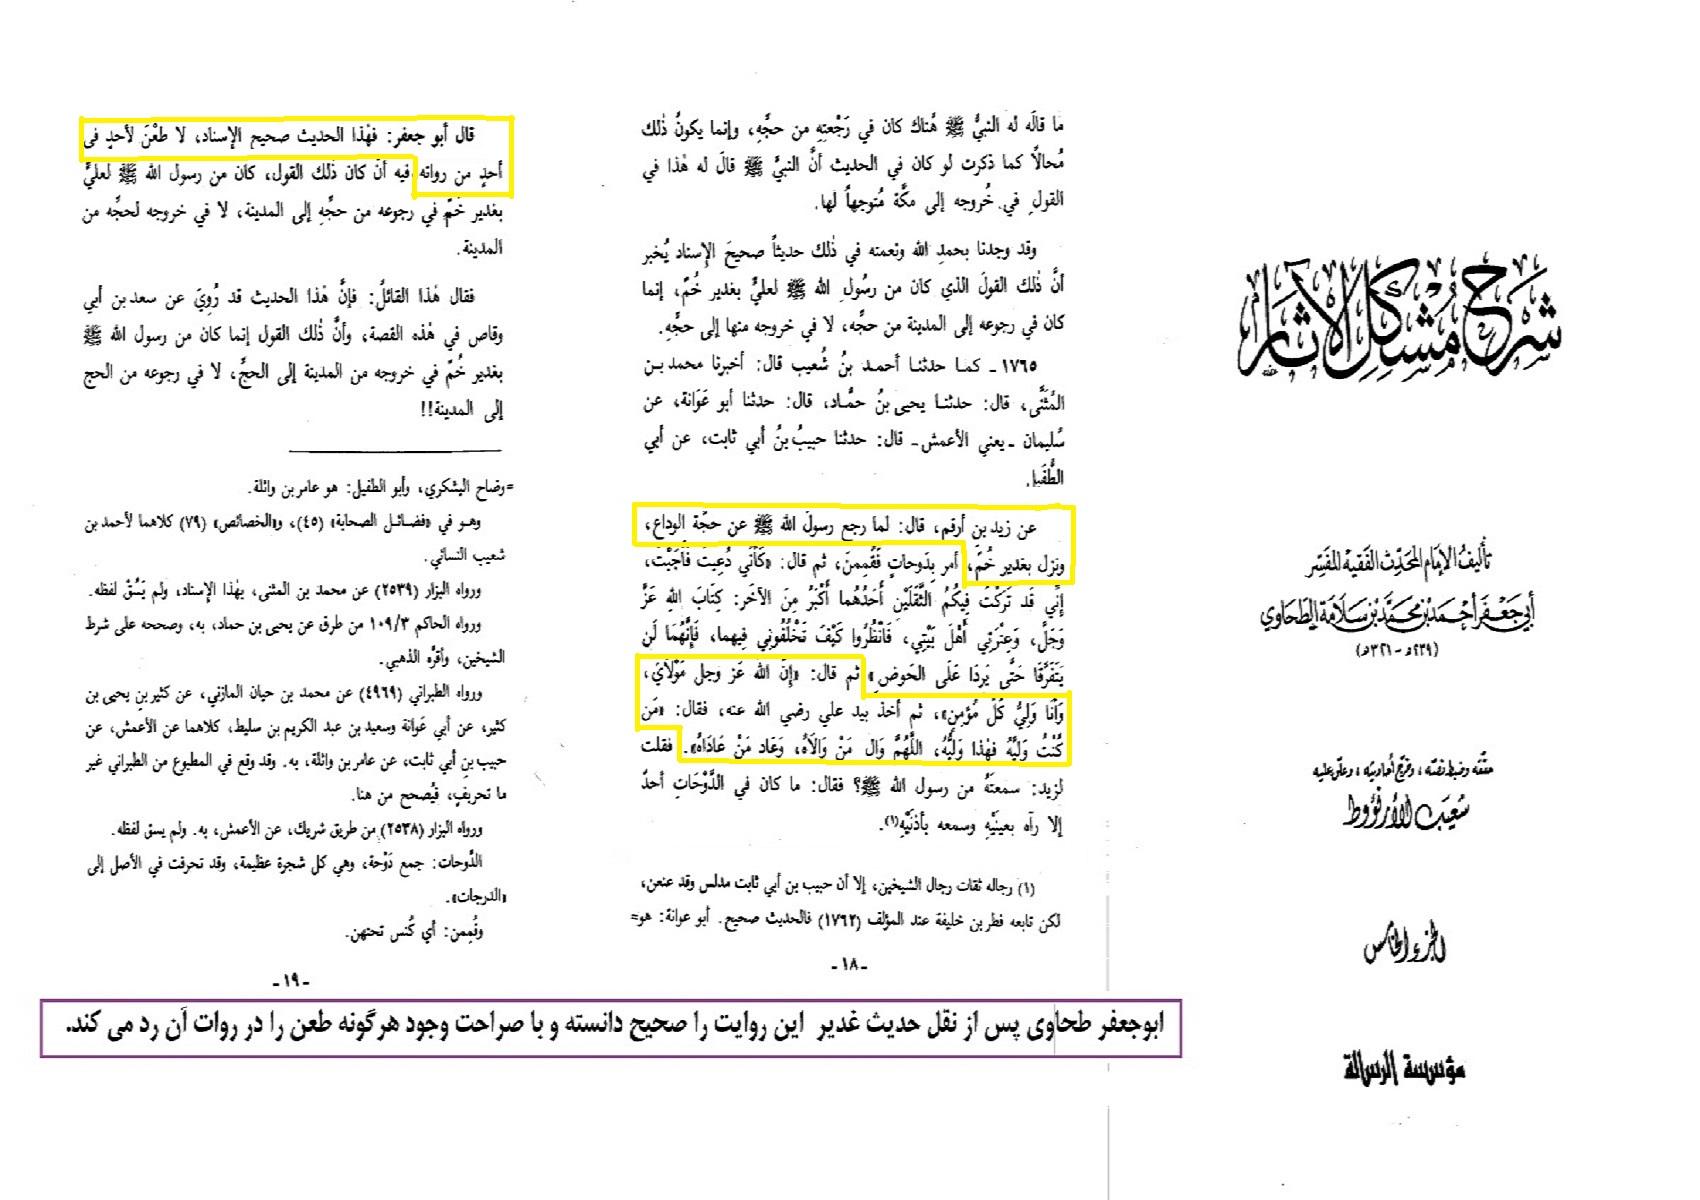 تصریح ابوجعفر طحاوی به صحت روایت غدیر خم